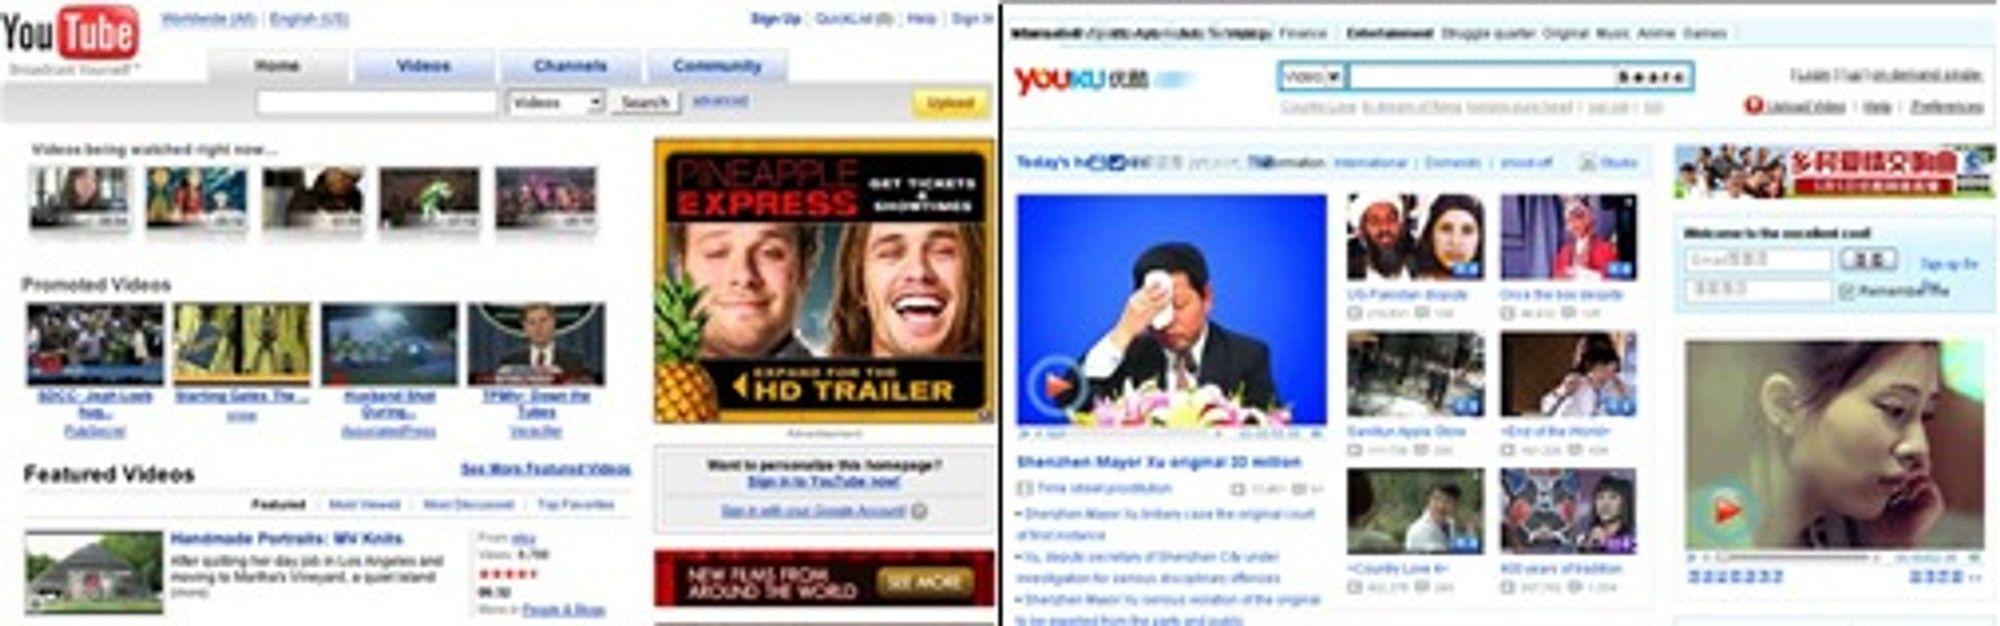 YouTube (etablert 2005) og YouKu (2006).